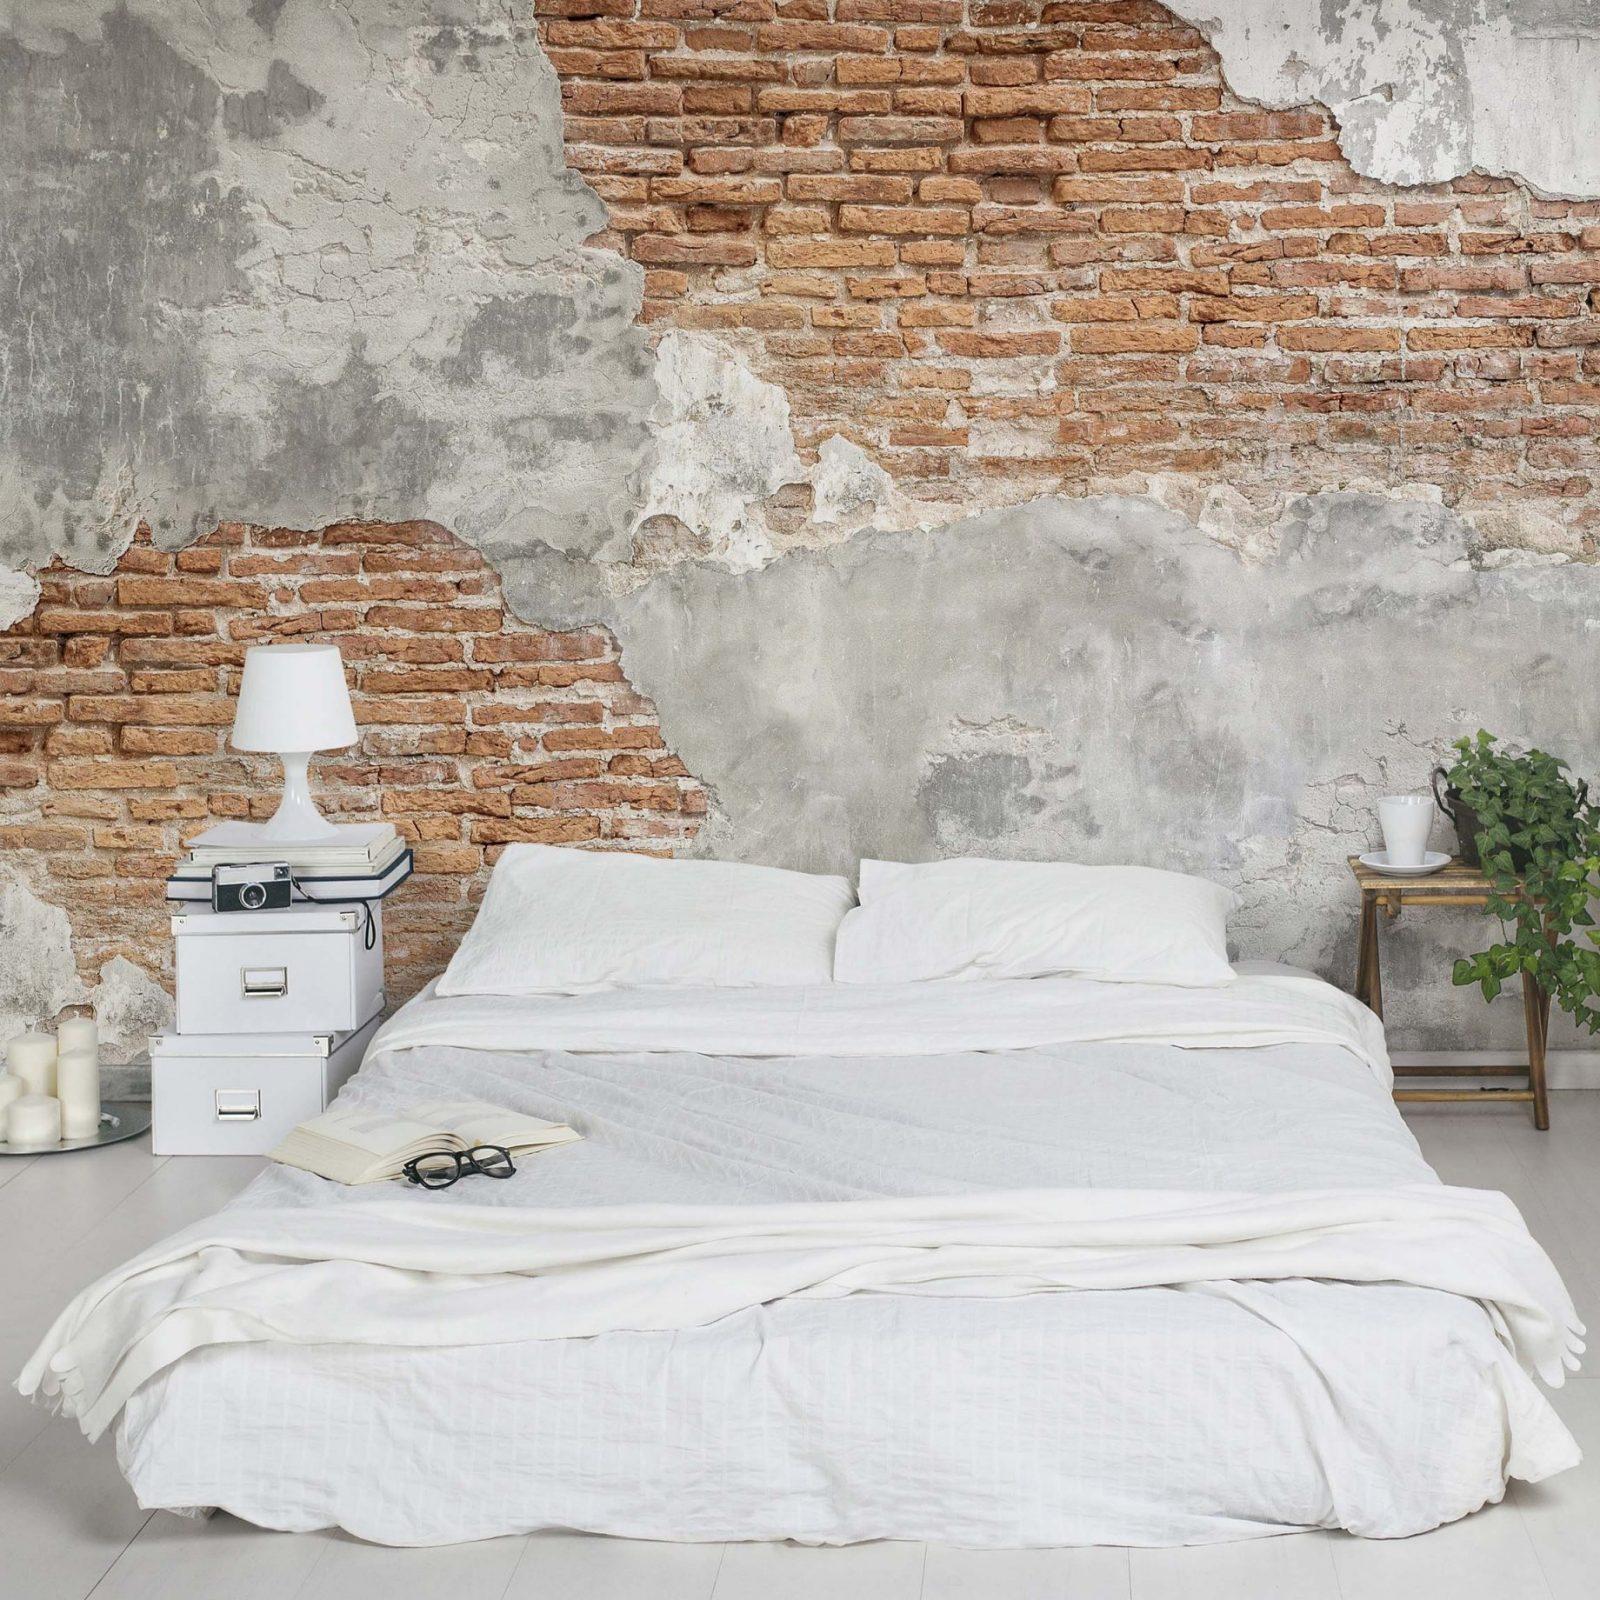 Tapete Betonoptik  Shabby Backstein Wand  Vlies Fototapete Breit von Schöne Wände Ohne Tapete Photo